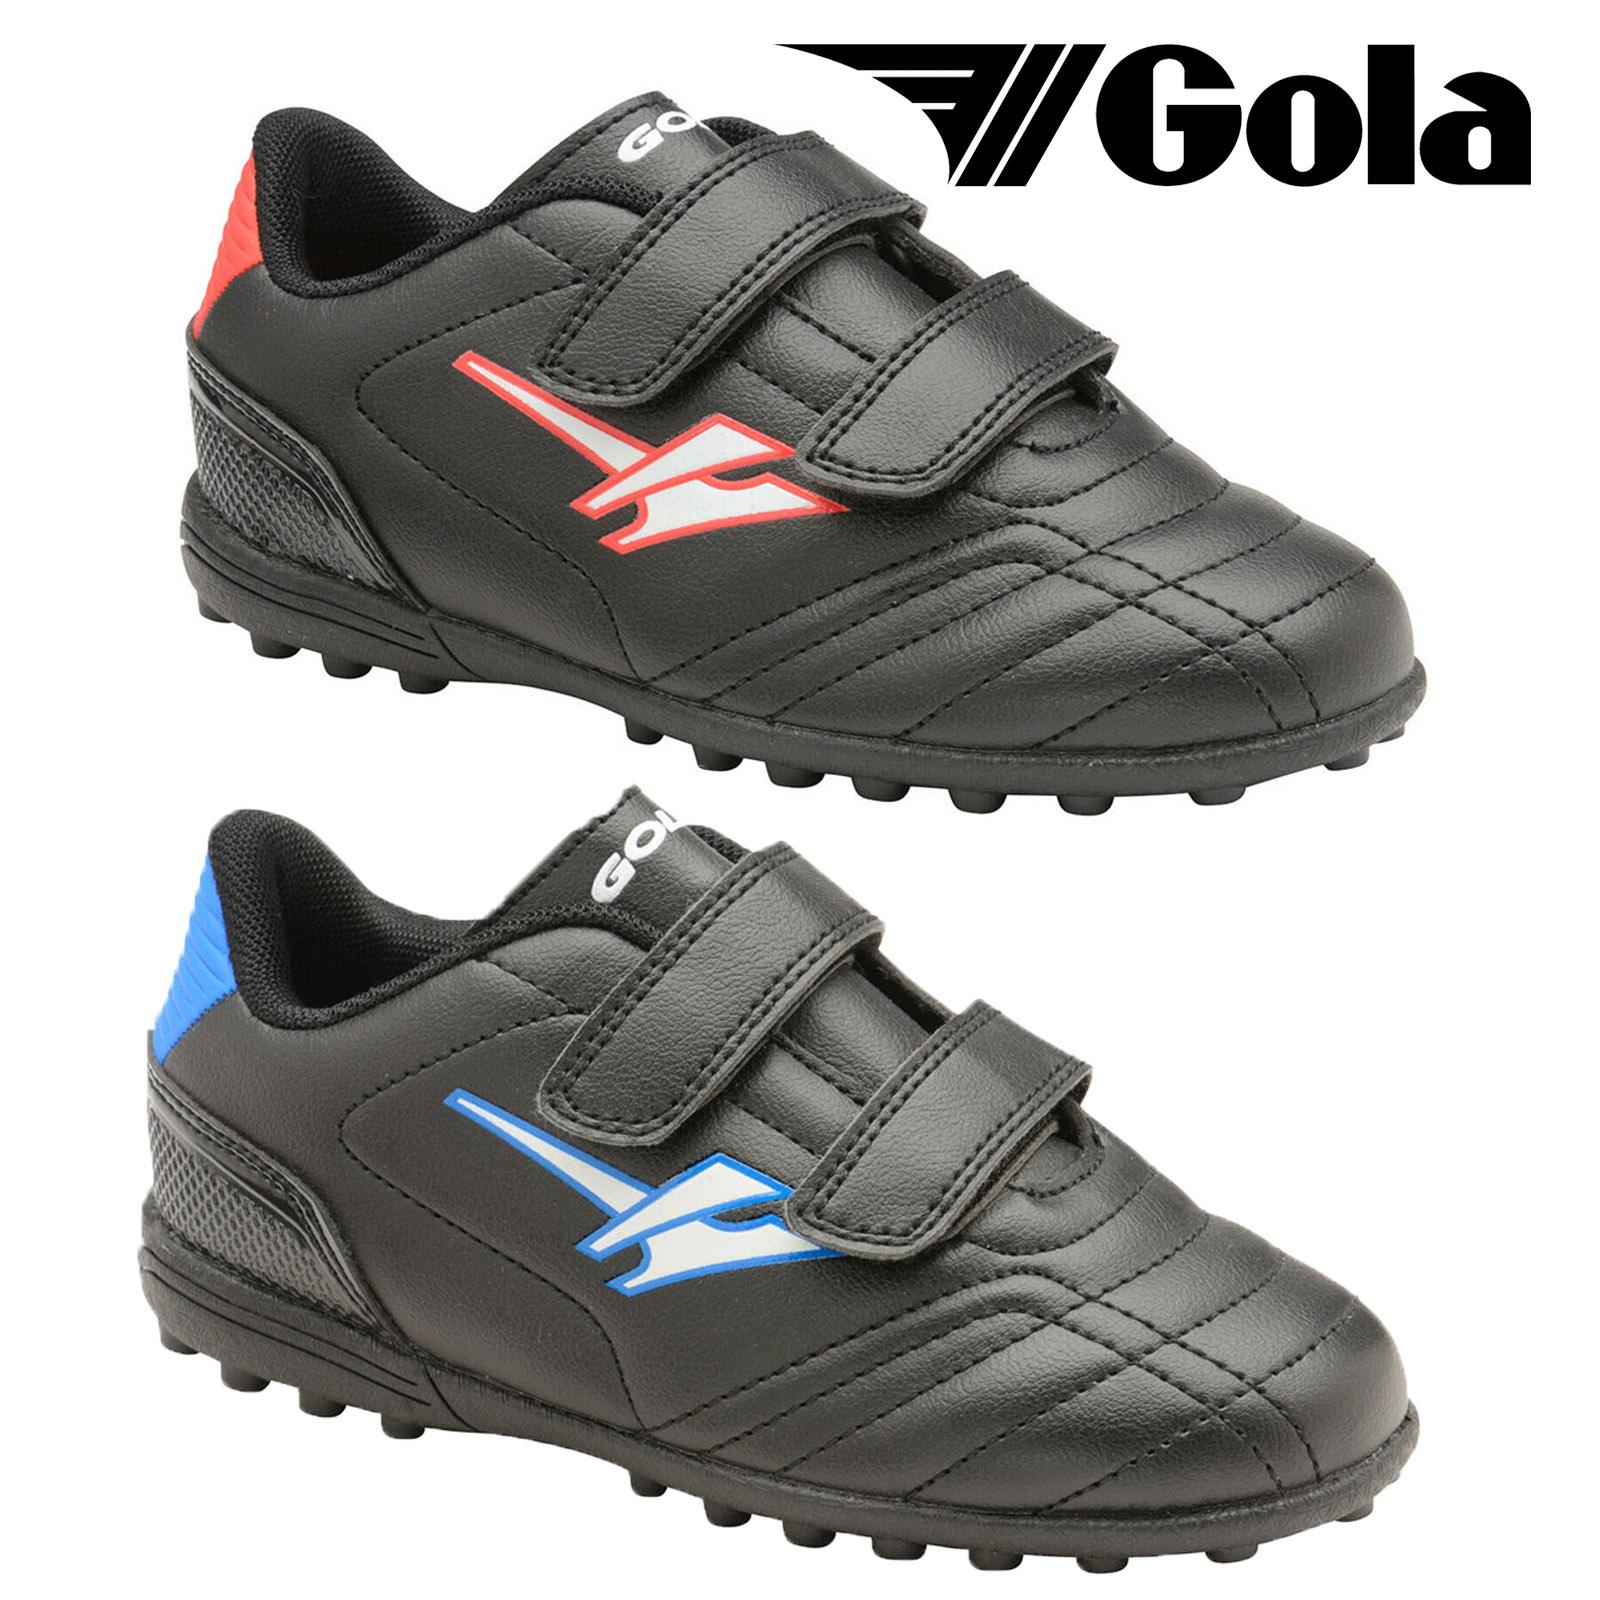 kids astro turf football boots uk